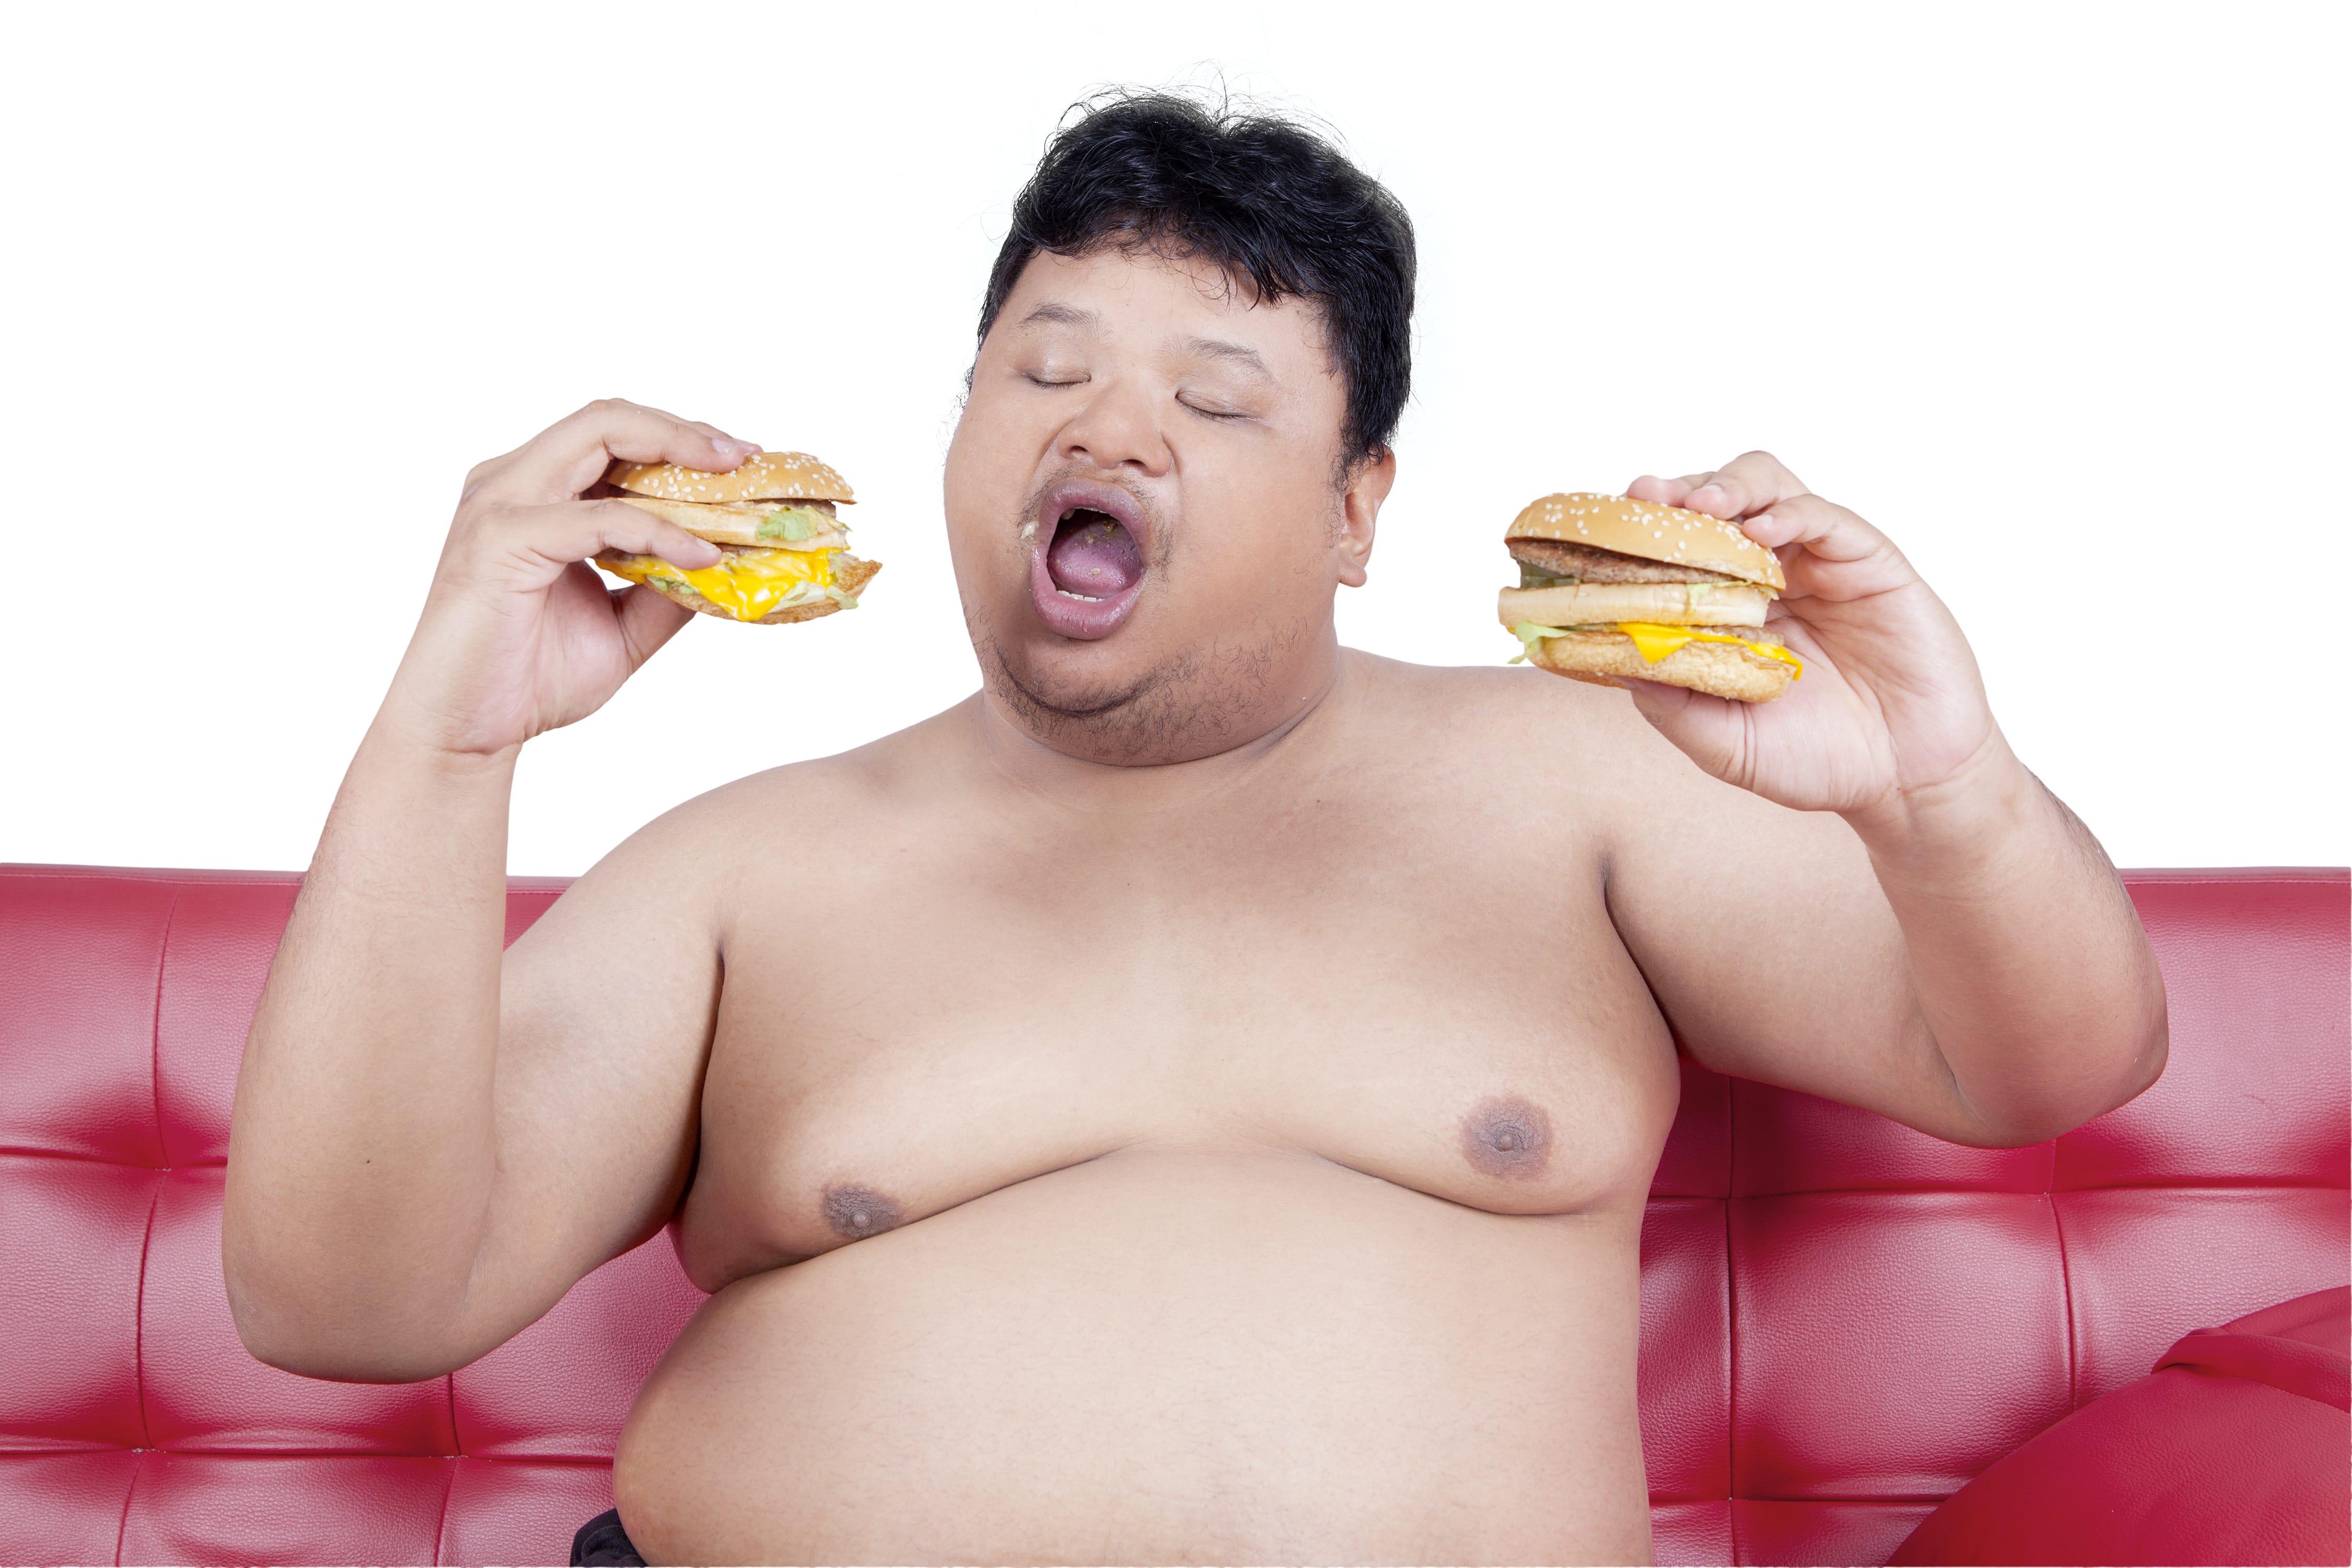 Manger gras ne rend pas gros, mais ceci, oui